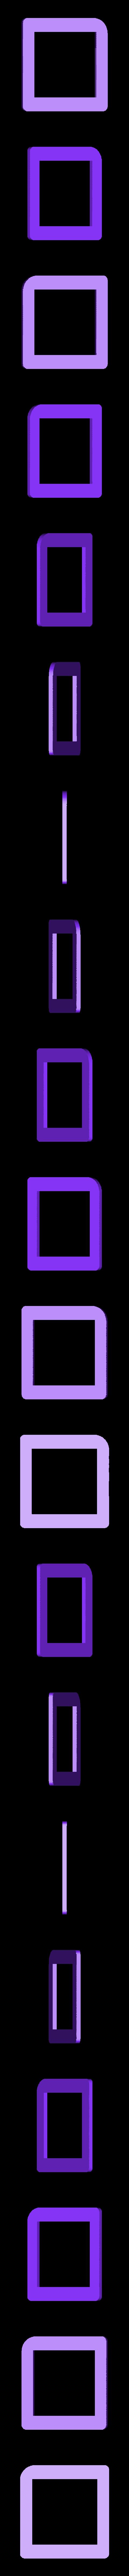 Gameboy_Nano_faceplate_part1.stl Télécharger fichier STL gratuit Pi Zero - Gameboy NANO • Design imprimable en 3D, Lassaalk